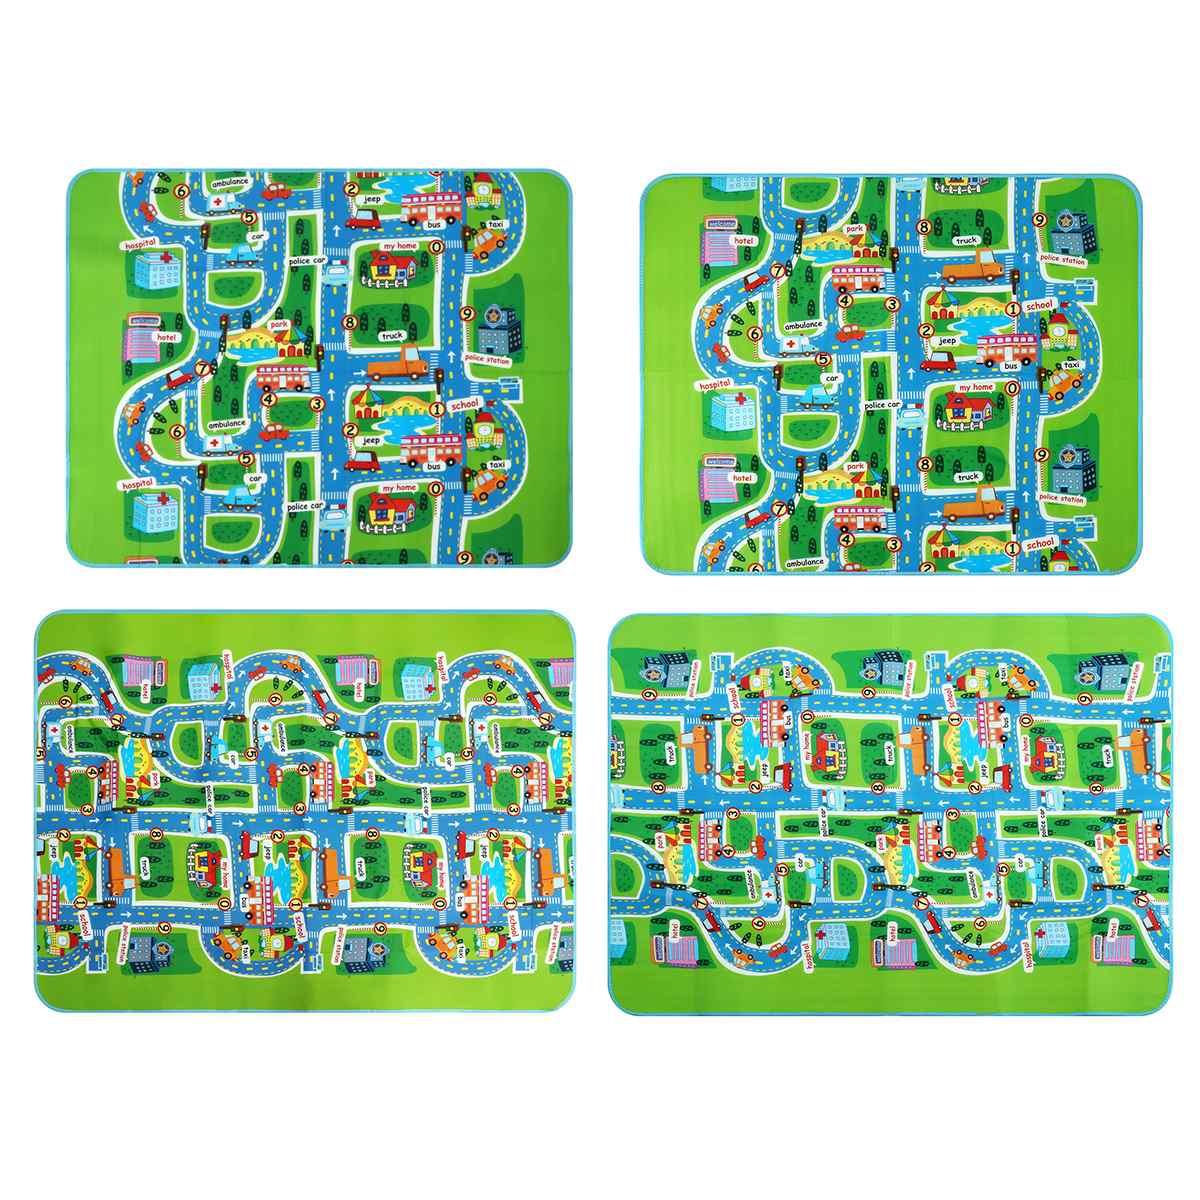 cheap tapetes de jogo 02